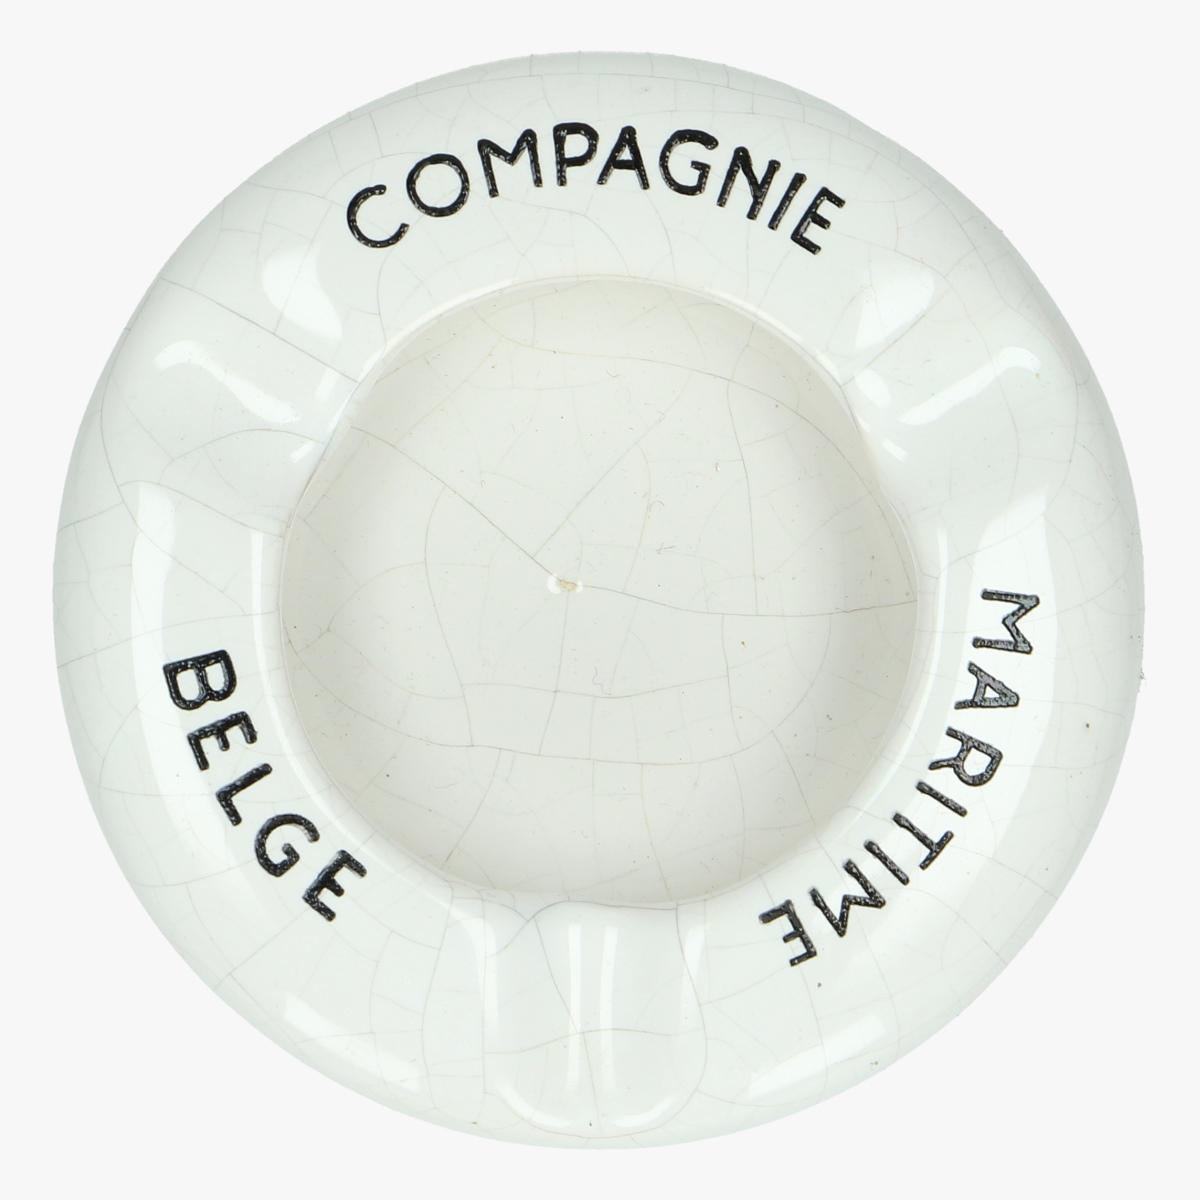 Afbeeldingen van asbak compagnie maritime belge